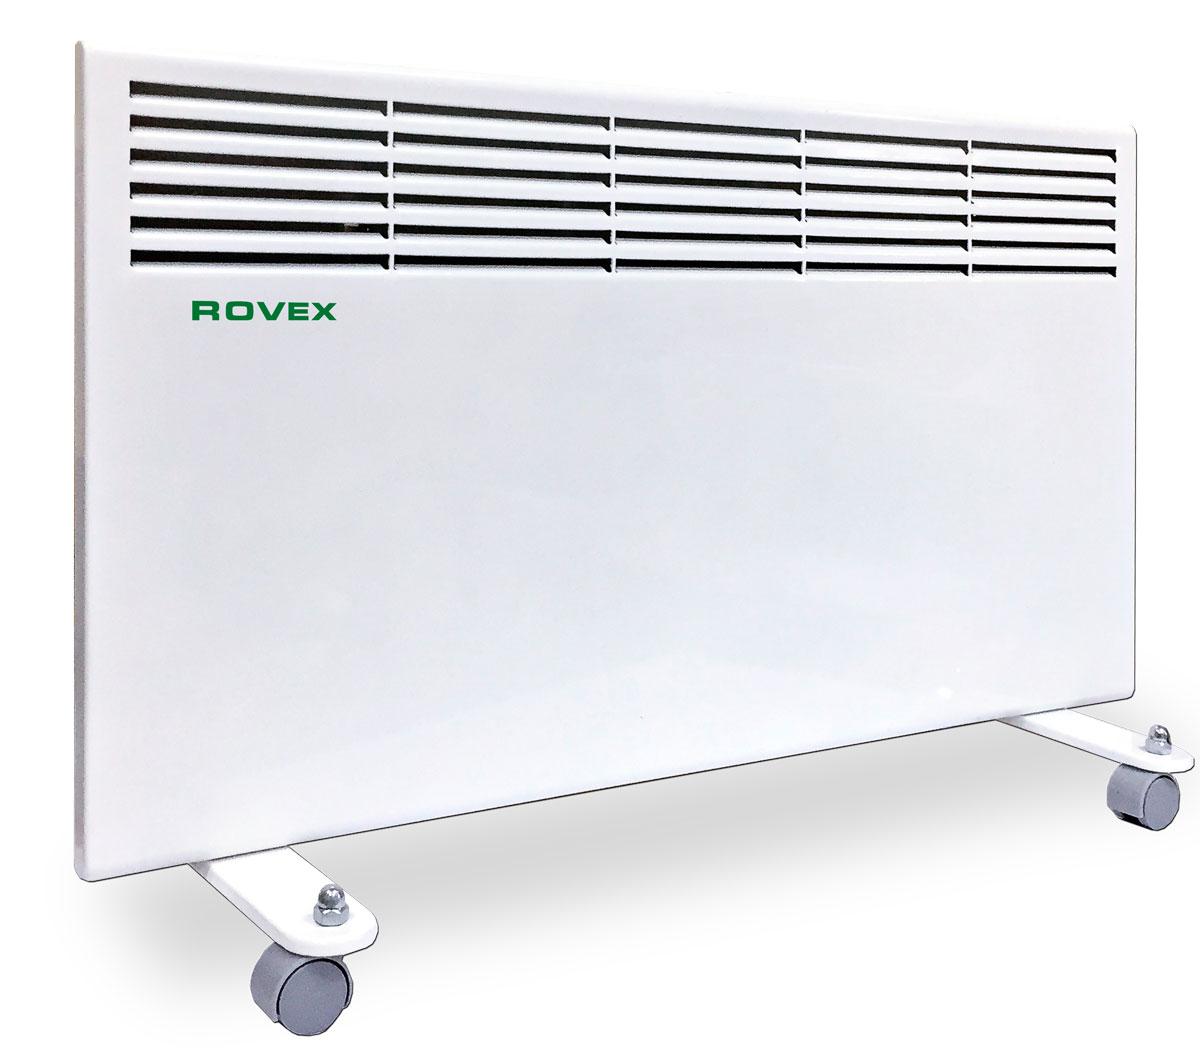 Rovex RHC-1000 конвекторRHC-1000Конвектор Rovex RHC-1000 электрический серии «Omega» представляет собой теплообменник с ТЭНом – электронагревателем, к которому поступает холодный воздух. После происходит процесс нагревания и по стальной трубке выходят теплые потоки воздушных масс. Принцип работы конвектора электрического заключается в безопасном нагревании воздуха, поступающего в прибор посредством конвекции.Конвекторы отопления электрические обладают преимуществами:Высокой производительностью и эффективностью. КПД таких приборов составляет 95%. Конвектор отопления прогревает воздух равномерно и моментально, когда его включили в сеть.Безопасностью. Электрические обогреватели такого типа считаются самыми безопасными. Конвекторная система отопления устроена так, что воздушные массы в теплообменнике постоянно циркулируют и не превышают безопасных 60 °C. Прибор можно использовать даже в детской комнате. А о пожаре и мысль не возникнет! Конвекторный обогреватель автоматически отключается, если его уронить.Малогабаритностью. Устройство может настенным и напольным. В серию Omega входят универсальные приборы, которые возможно разместить и на полу, и на стене.Бесшумной работой, без выделения запахов.Простотой использования. Конвектор электрический с терморегулятором, им можно легко установить нужную температуру.Беспроблемной установкой. Конвектор электрический настенный можно сразу эксплуатировать после покупки.Невысокой стоимостью. Многие решаются купить конвектор еще потому, что радует его цена, по сравнению с котлом или радиатором.